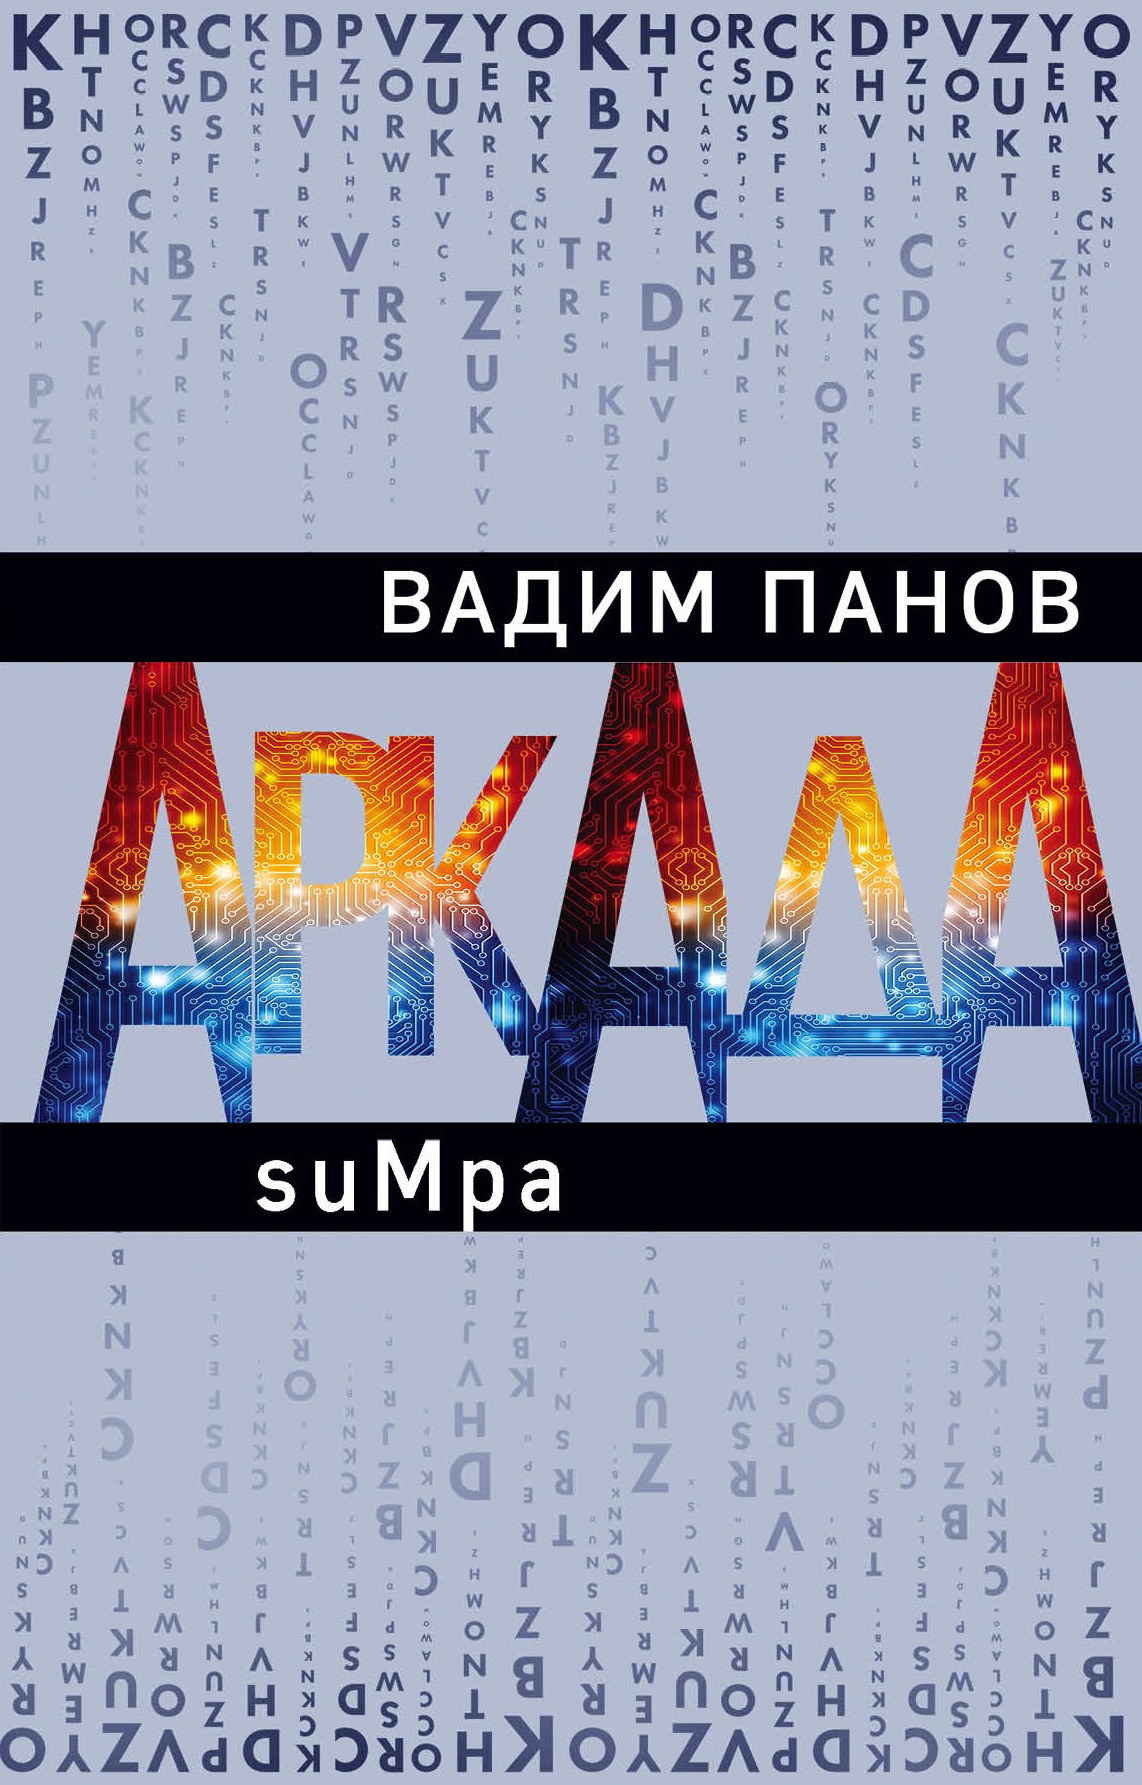 suMpa